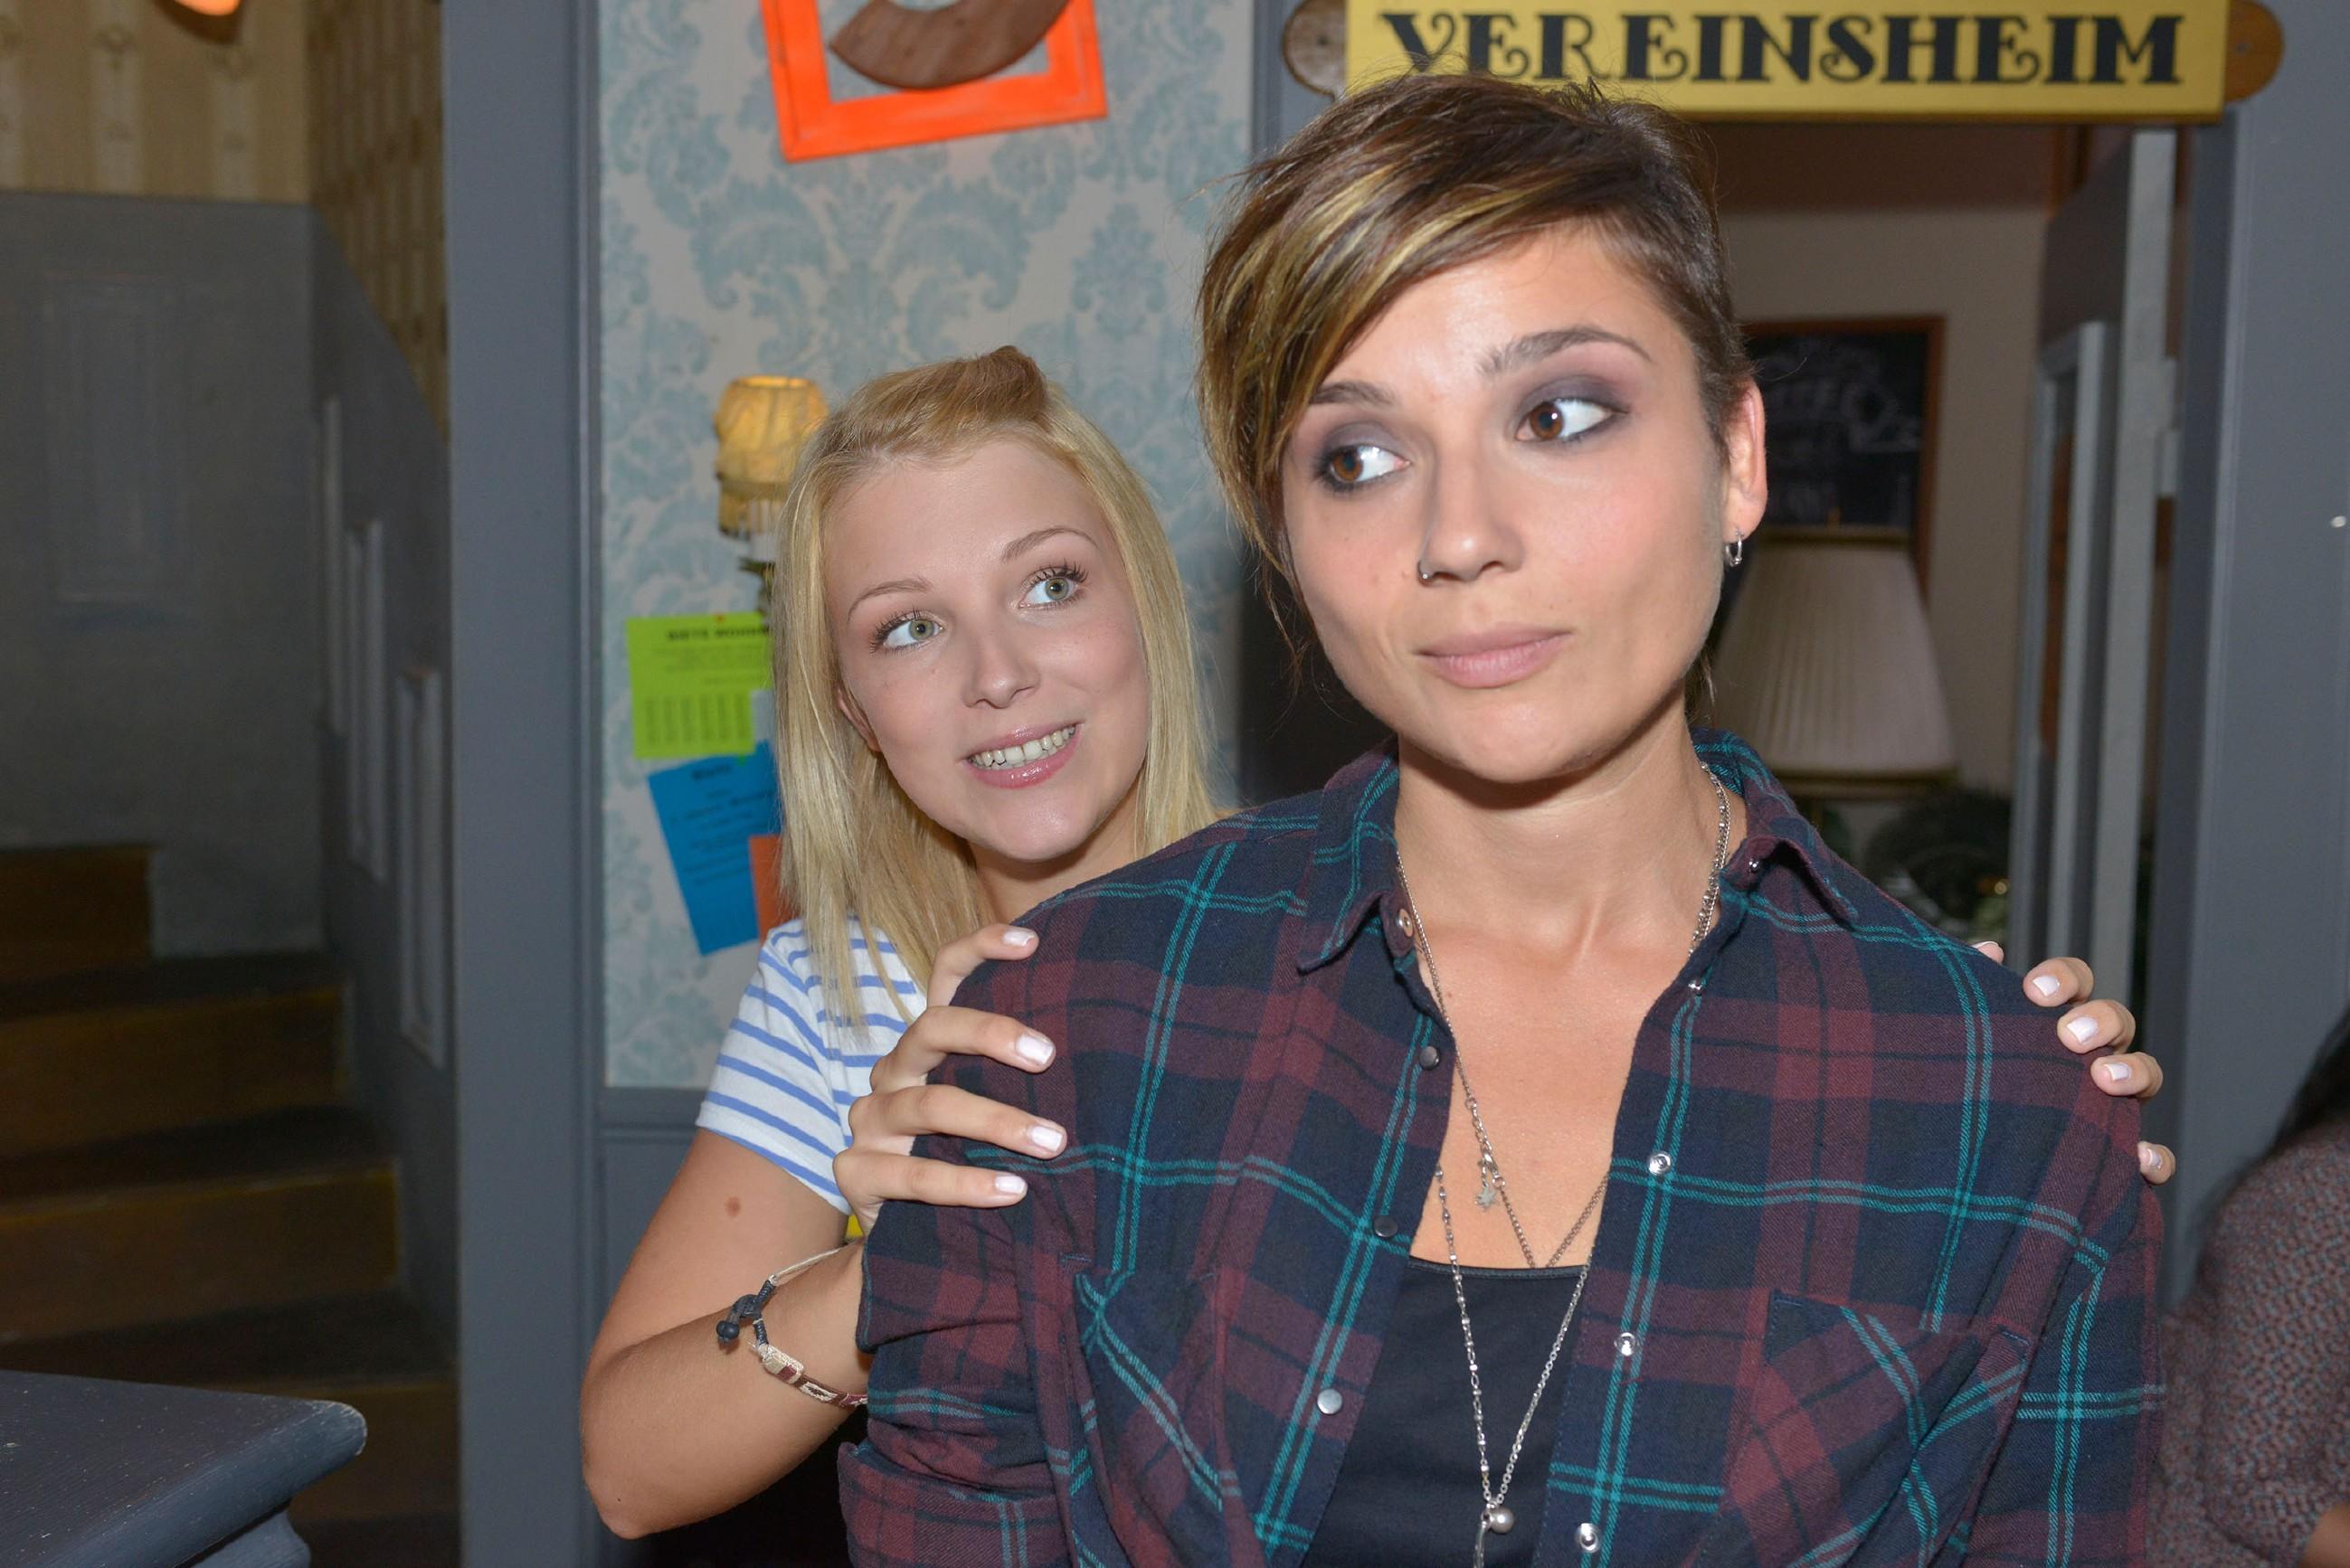 Lilly (Iris Mareike Steen, l.) versucht Anni (Linda Marlen Runge) aufzumuntern, doch die hat wenig Lust, ihren Geburtstag zu feiern. (Quelle: RTL / Rolf Baumgartner)